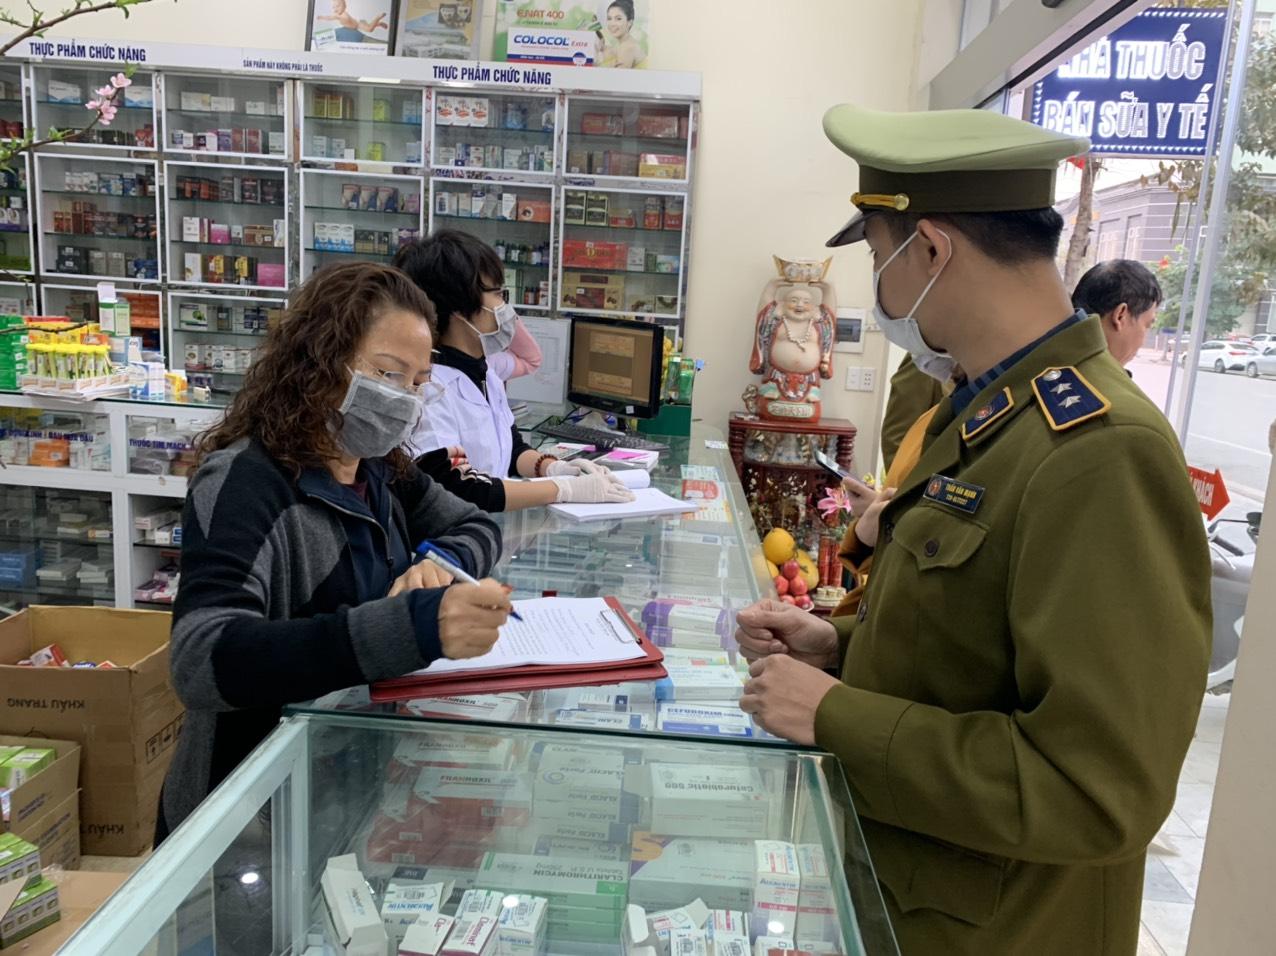 Quảng Ninh: Kiểm soát thị trường khẩu trang, nước sát khuẩn trước diễn biến của dịch bệnh